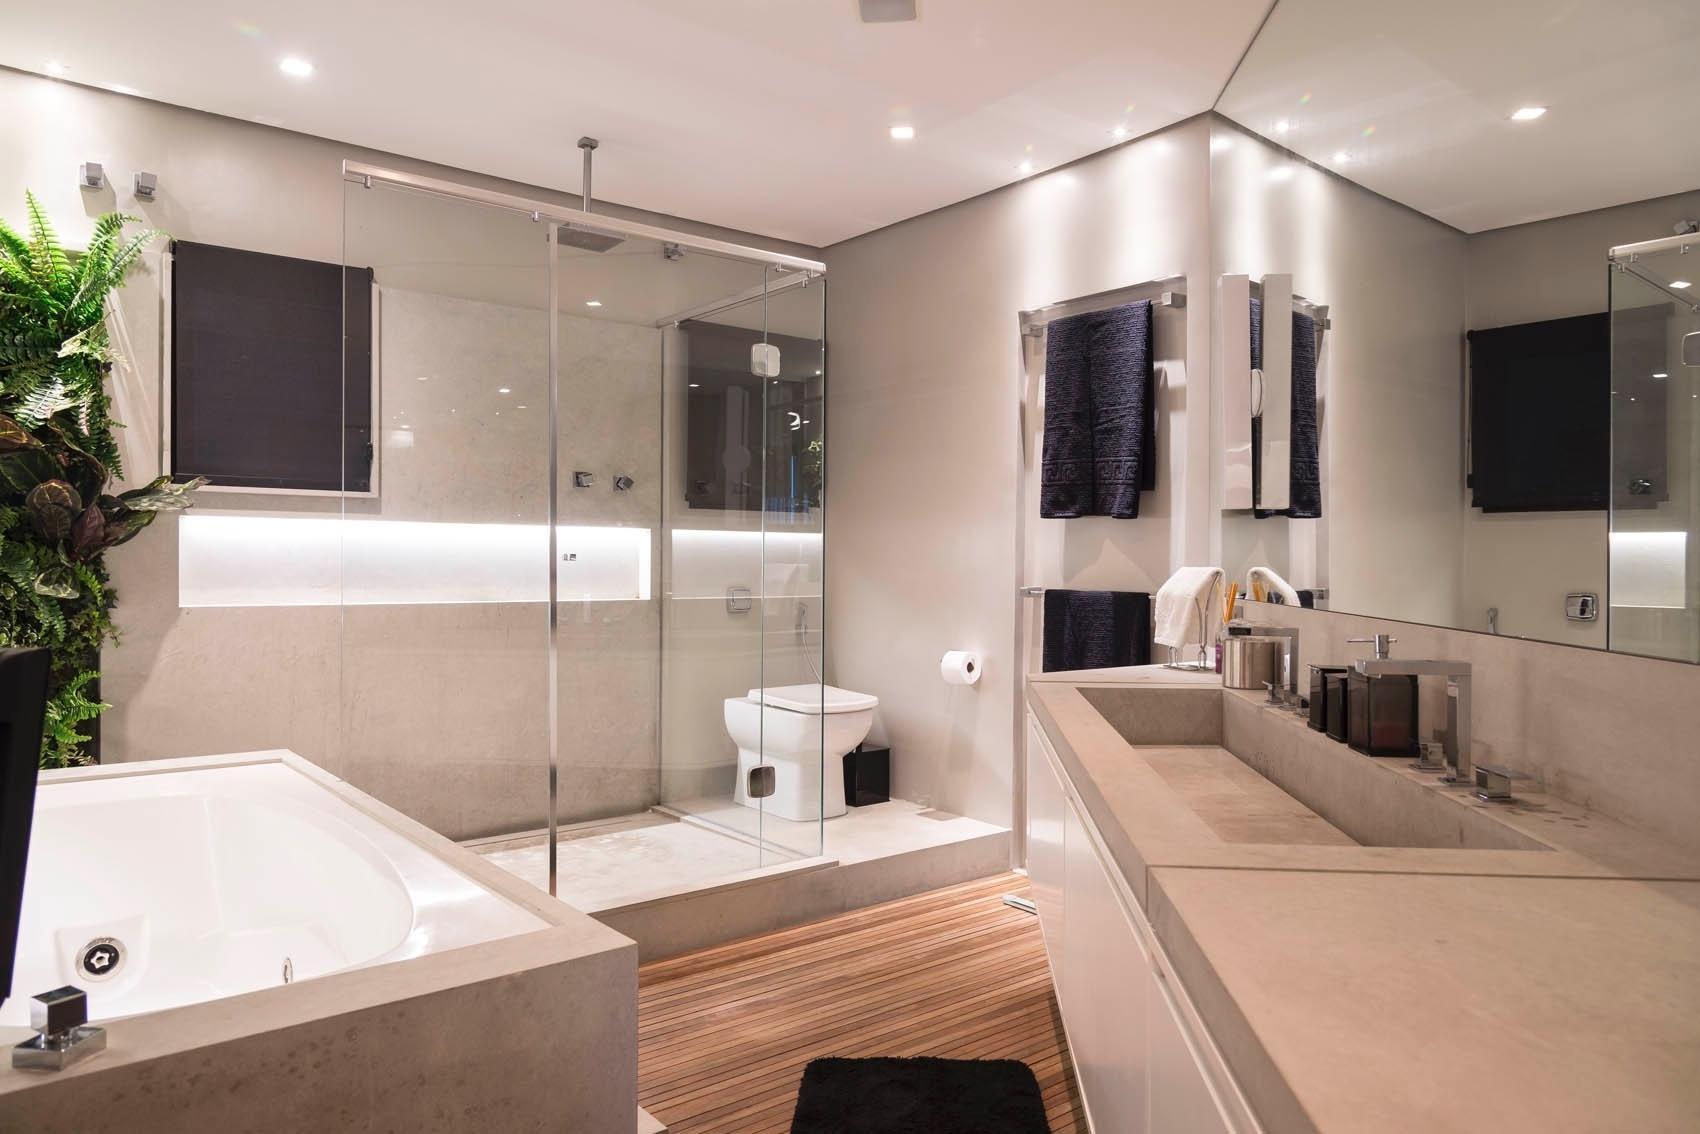 Imagem 59 – A pia longa é ideal para um banheiro compartilhado #456425 1700 1134